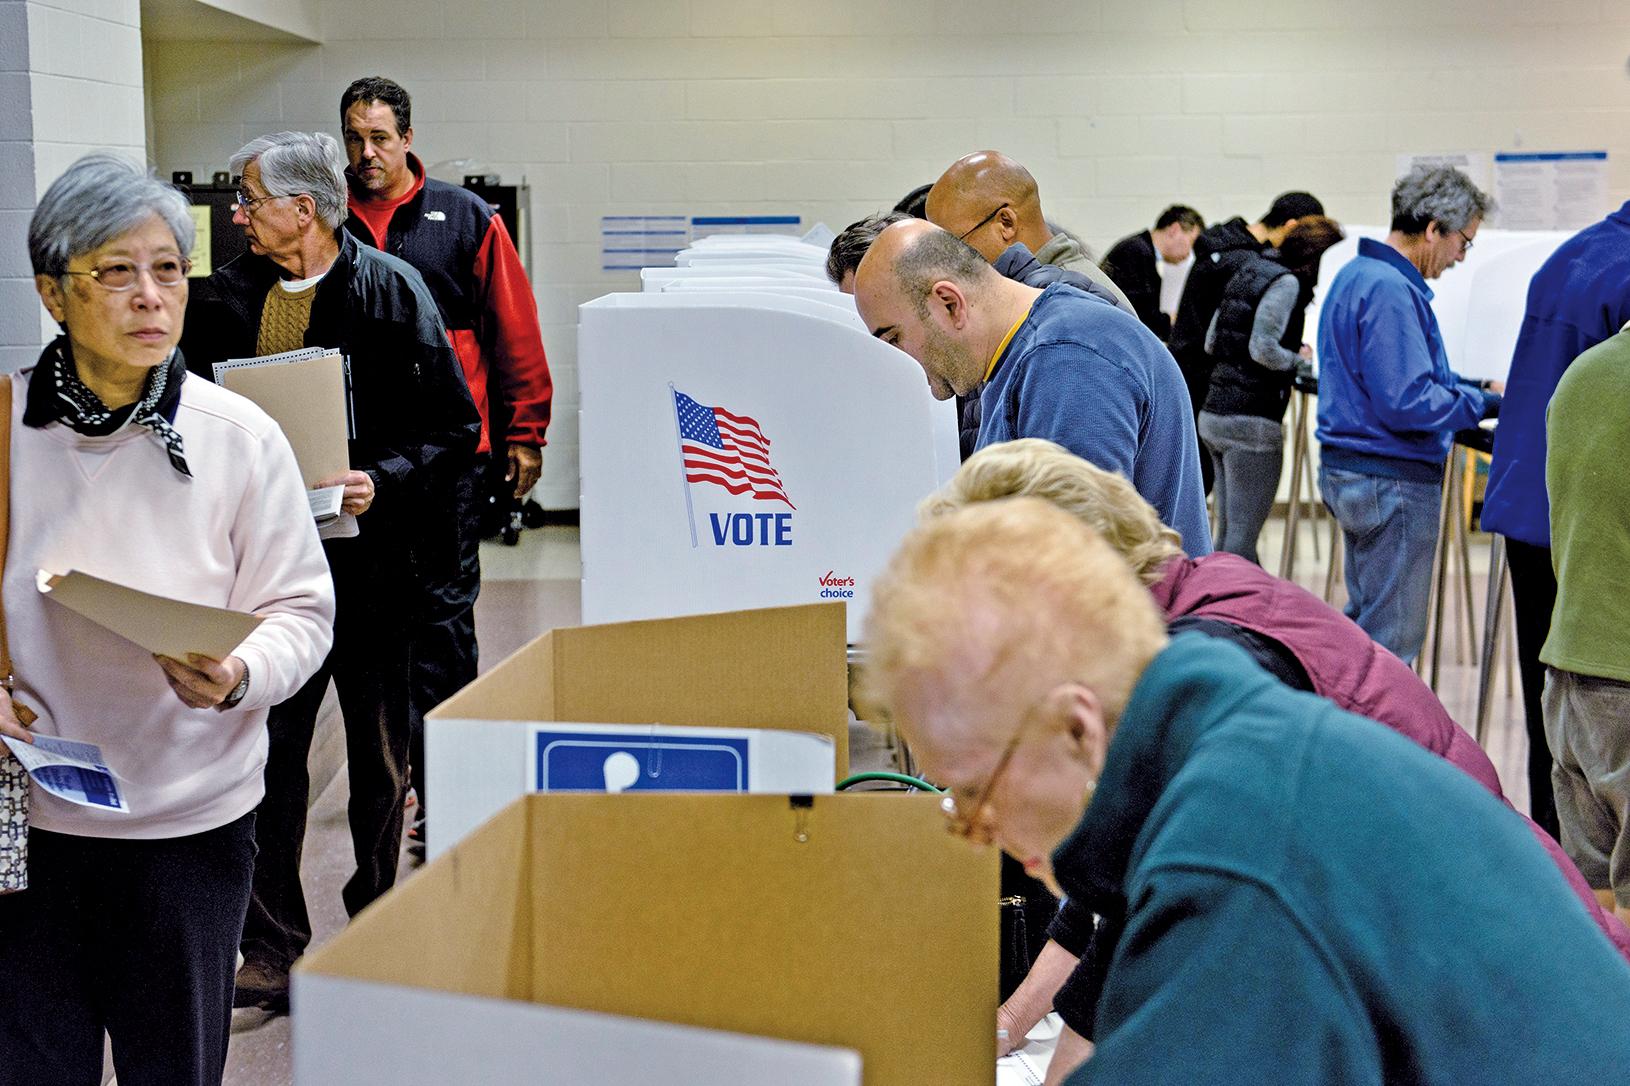 美國2018年中期選舉11月6日舉行,因各州投票截止時間不同,所以投票結果也需要從美東往美西看。(AFP)